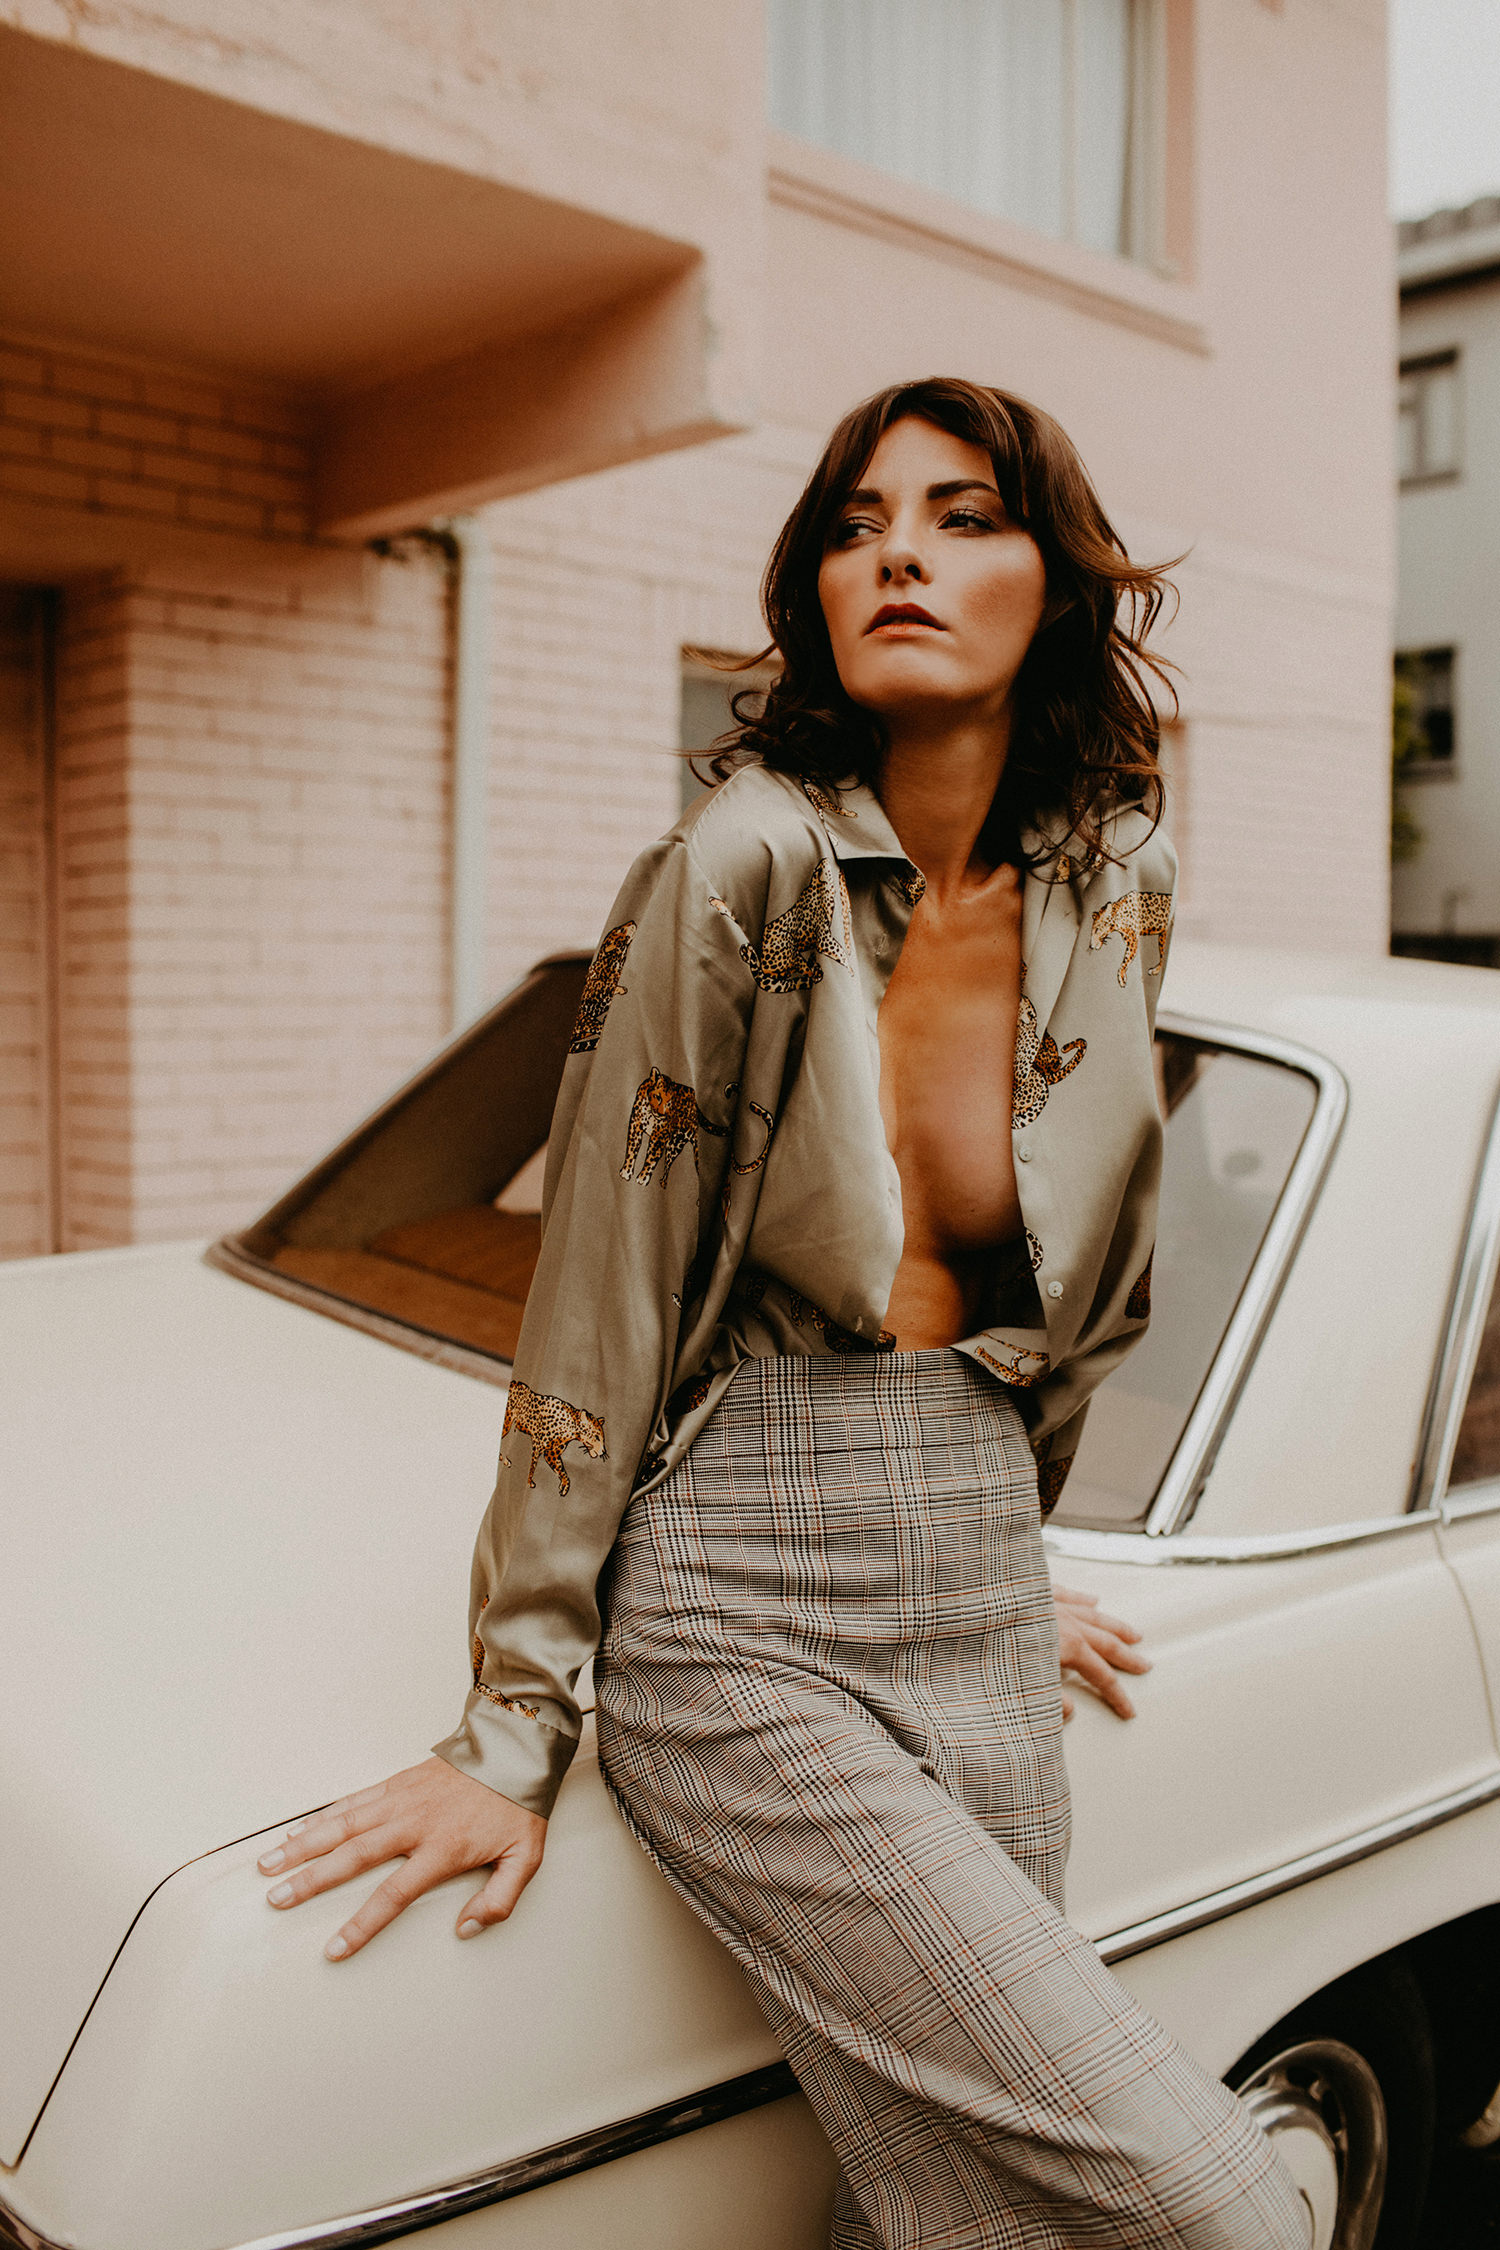 Fashion-Fotograf-Fashionfotografie-Mode-Fotograf-Modefotografie-Anna-Fichtner-Einbaum-Fotografen-Agentur-h-12